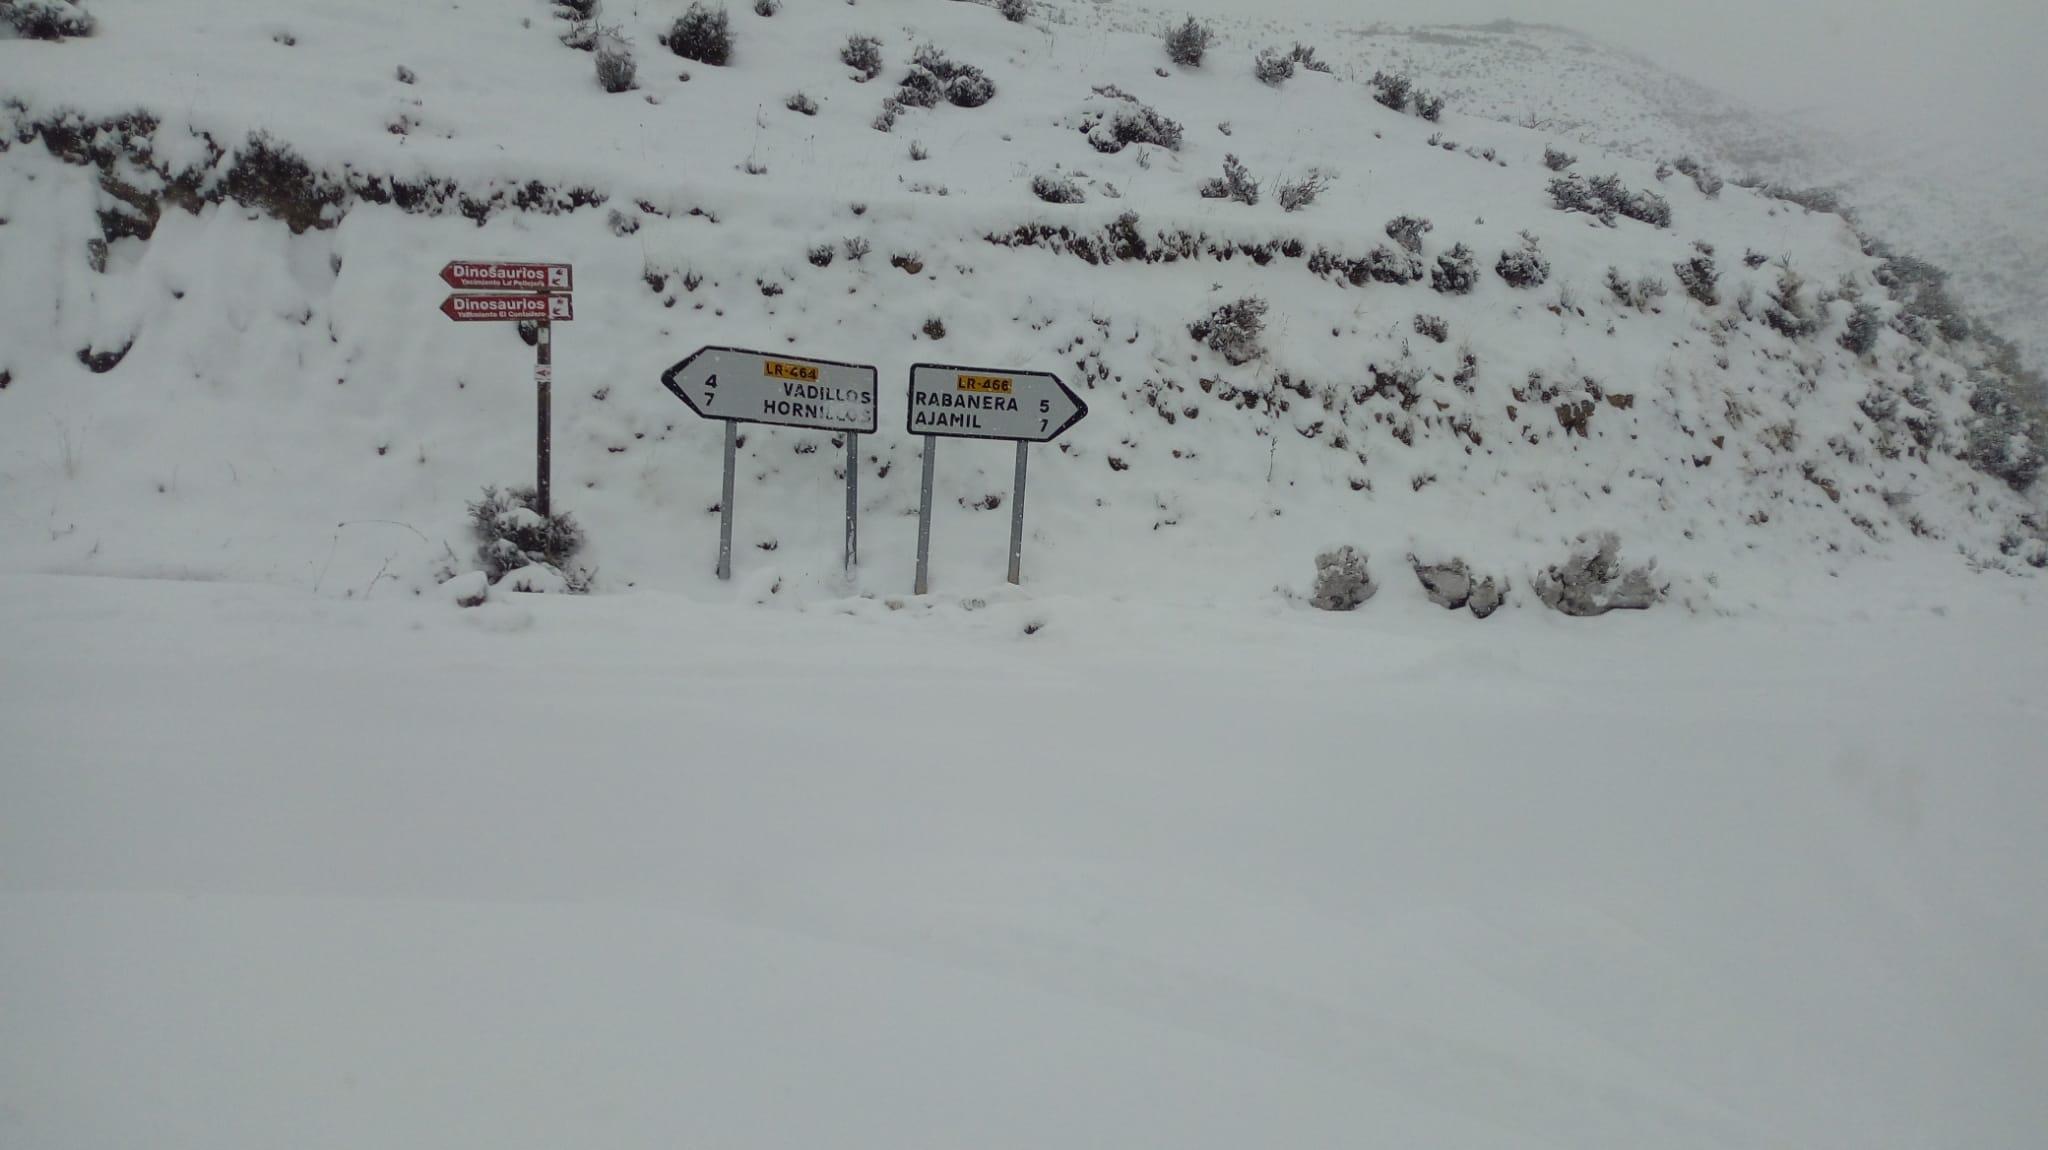 DIRECTO: 'Filomena' hace acto de presencia en La Rioja: nieve, frío y hielo 18